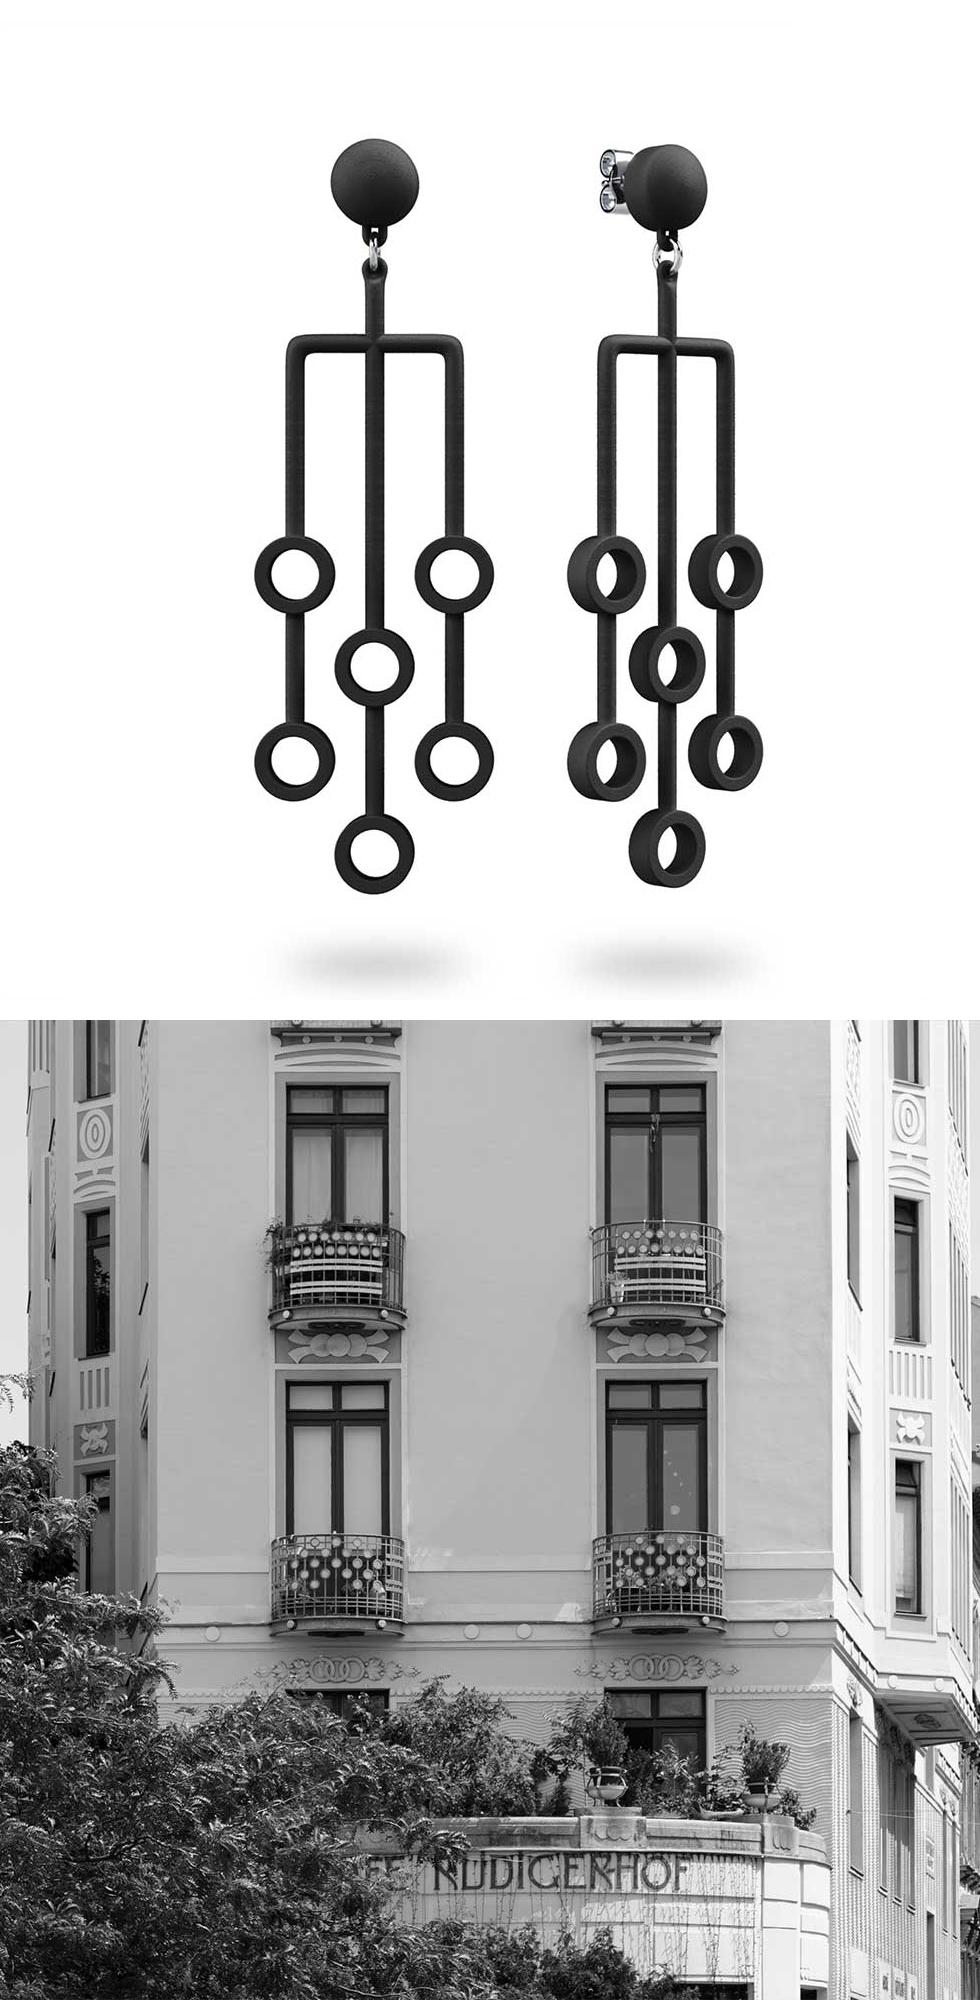 Authentisches Wien-Souvenir: Vom Wiener Jugendstil inspirierte, 3D-gedruckte Schmuckstücke - MY MAGPIE Rabatt-Code!